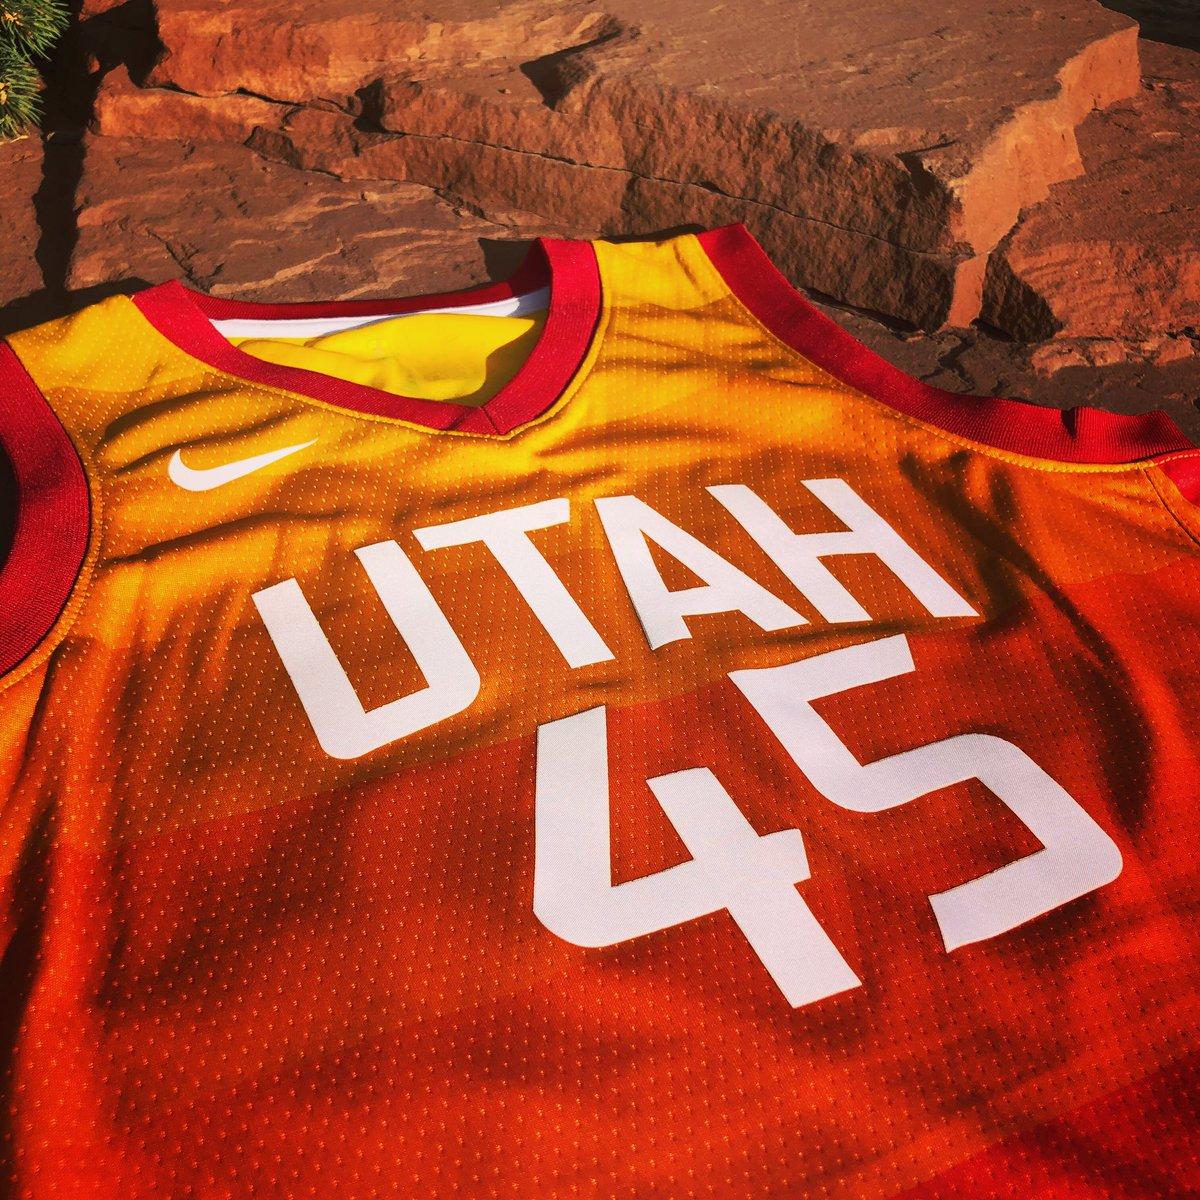 brand new 49da9 9667e Utah Jazz Team Store on Twitter: